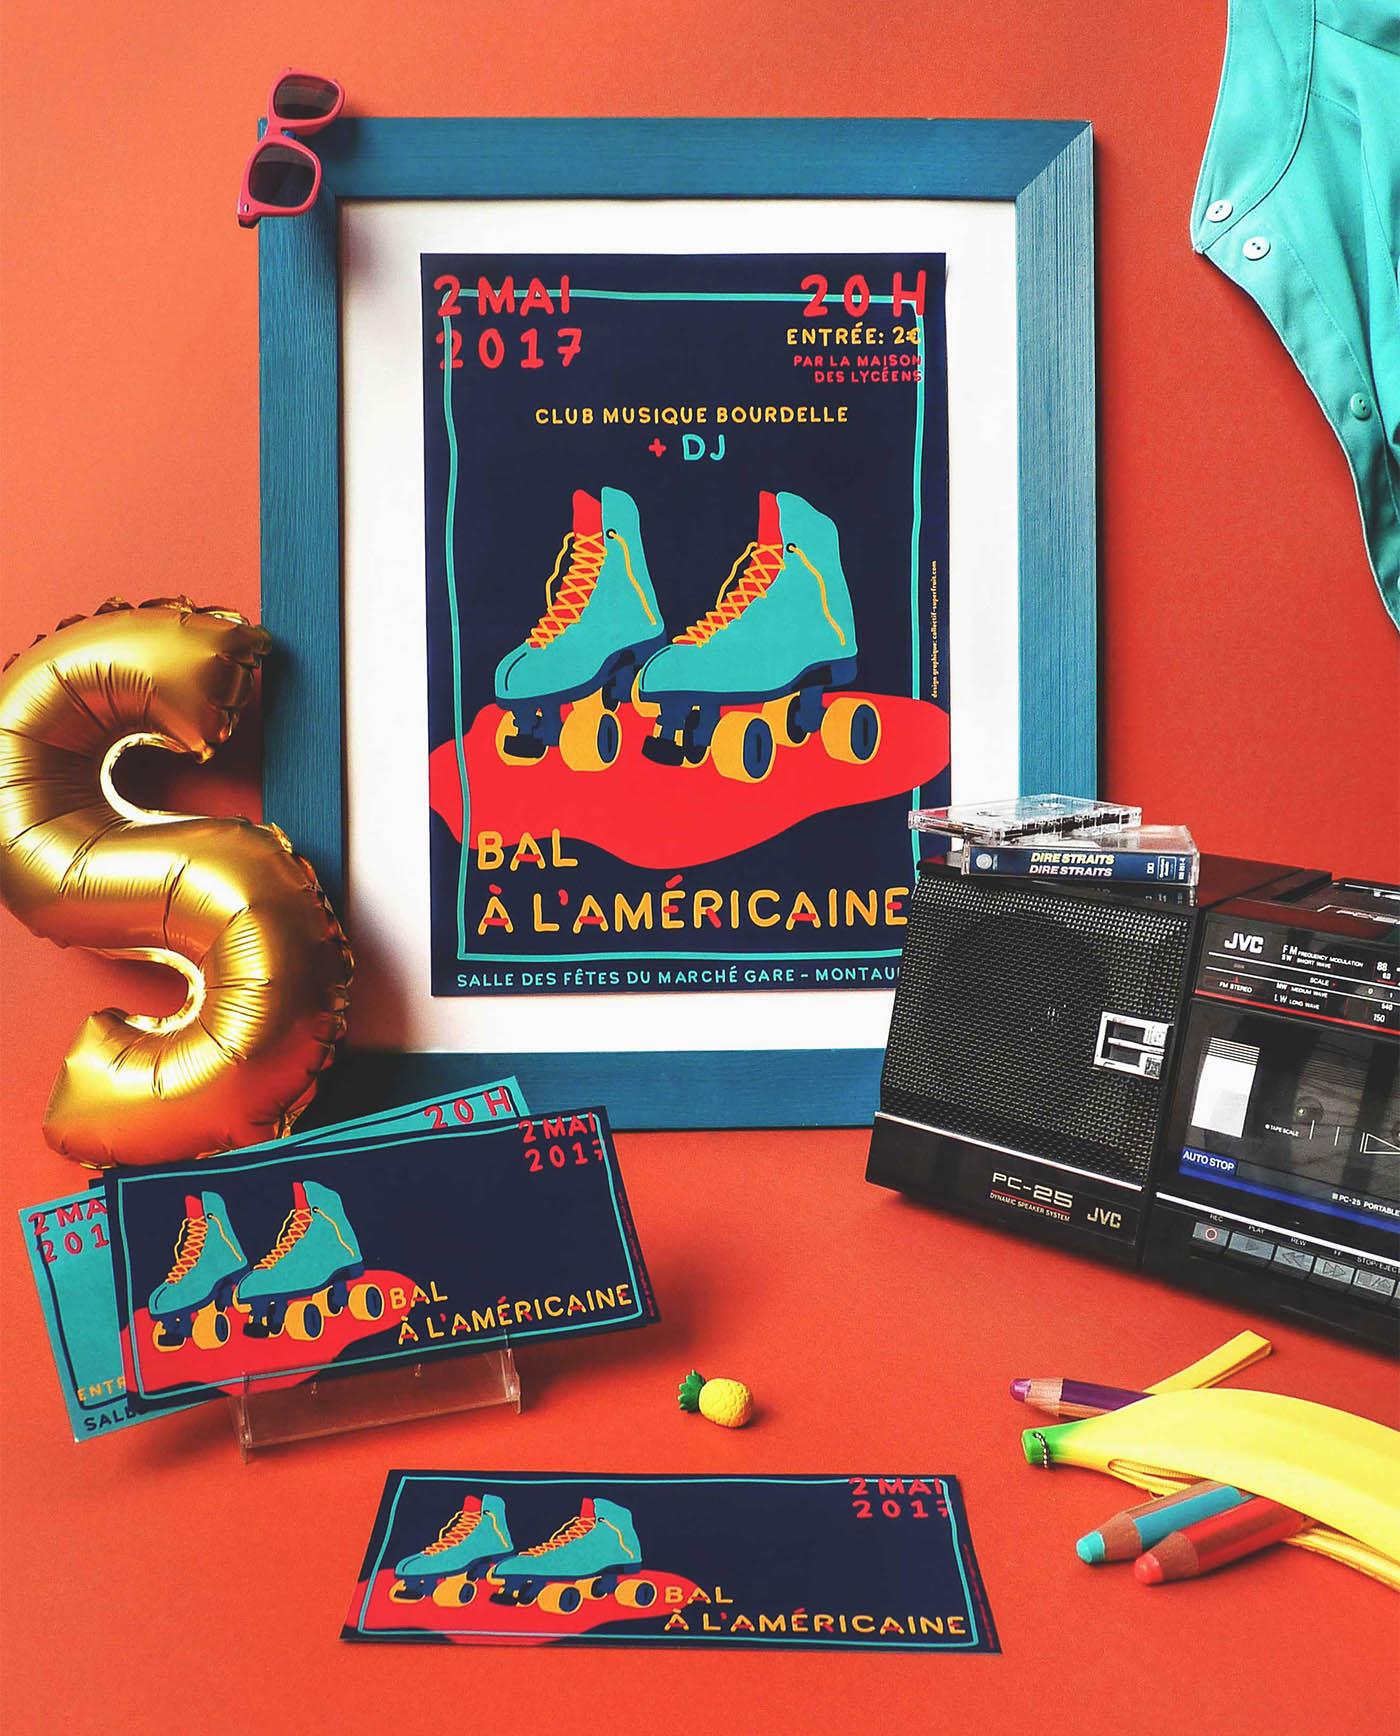 Mise en situation des affiche et flyers du lycée Bourdelle pour la soirée bal à l'américaine réalisés par Superfruit